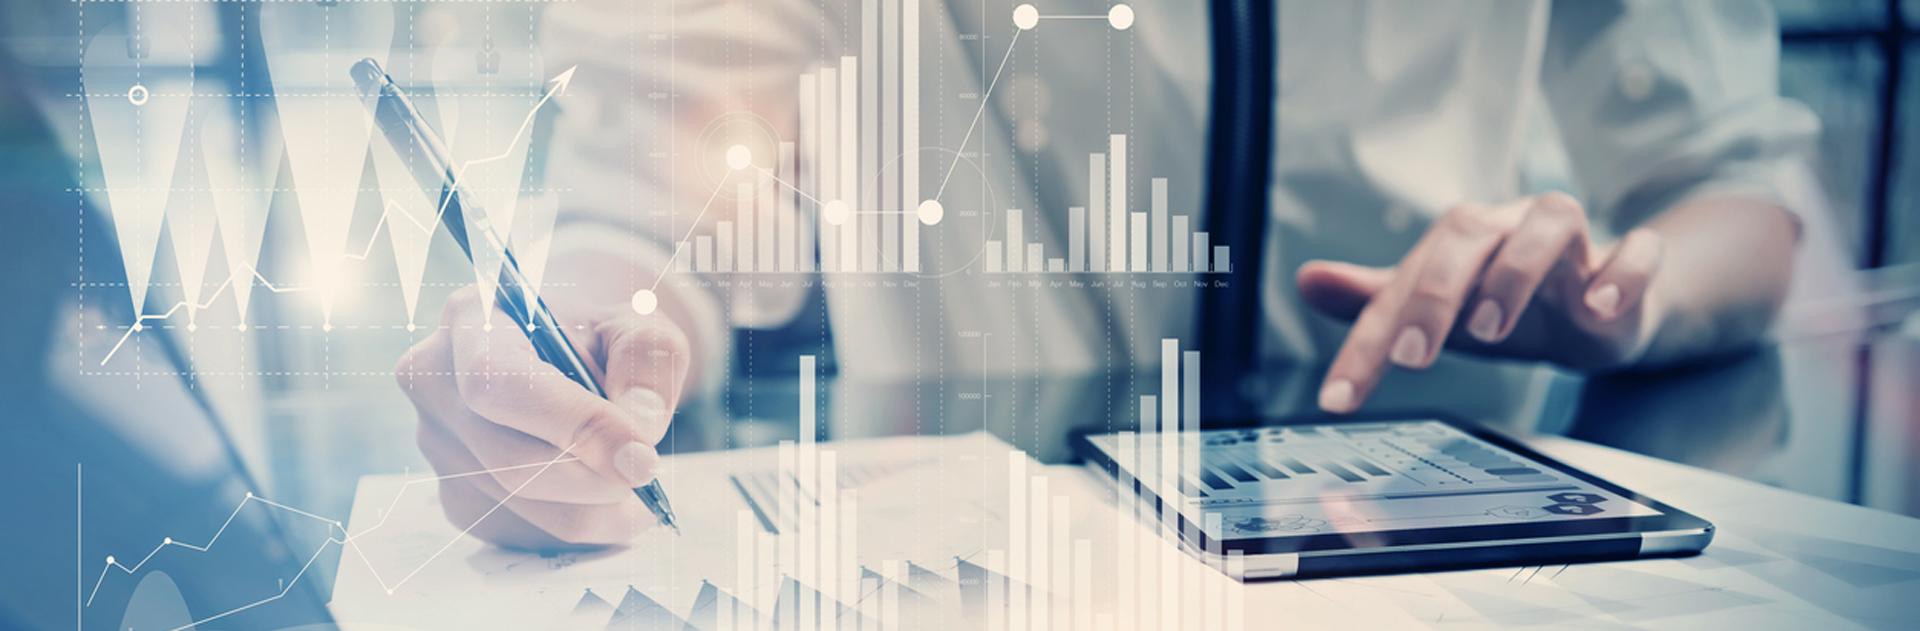 Croissance de la productivité et réallocation des ressources